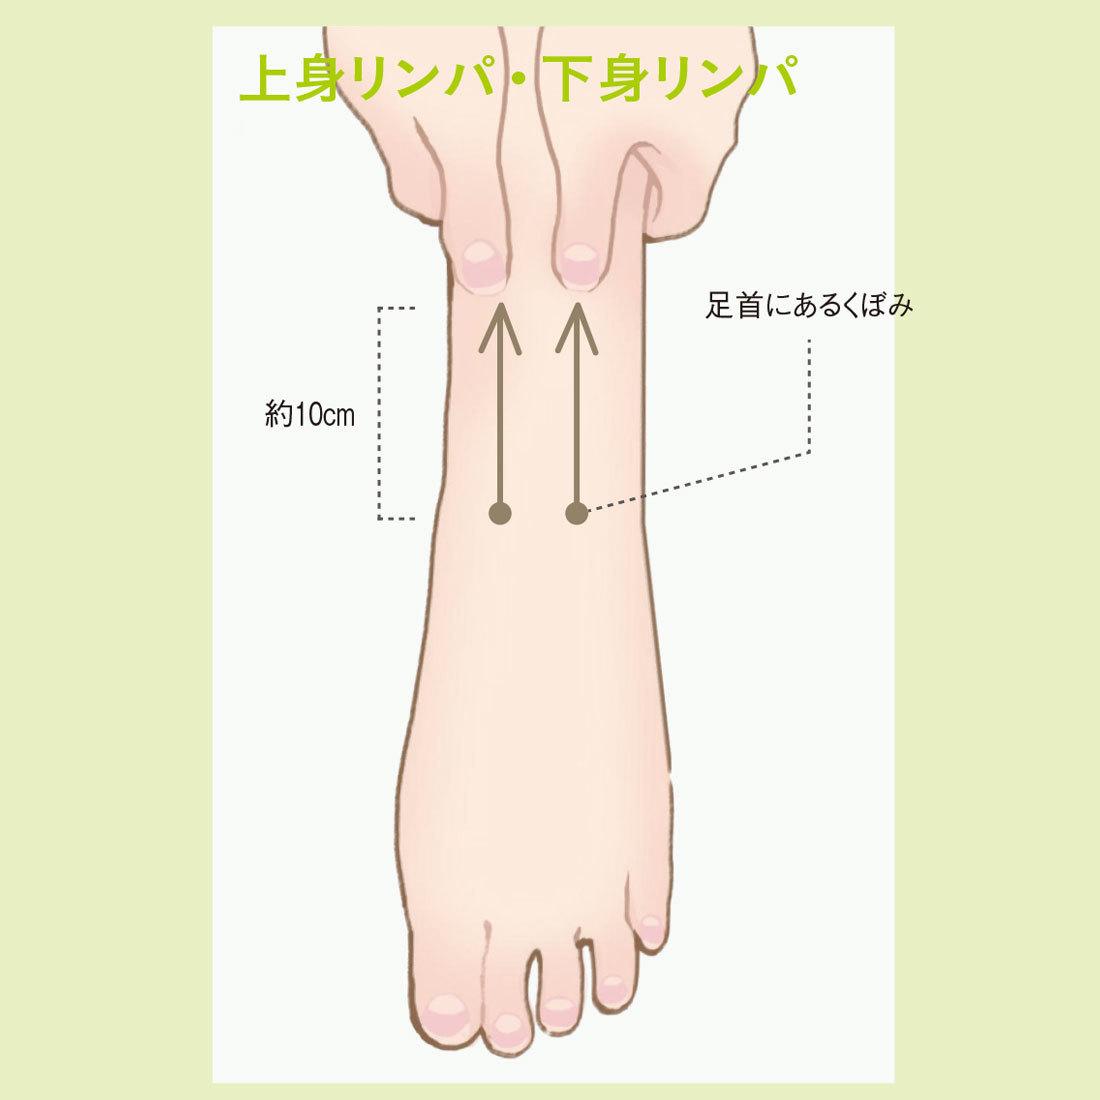 足首のくぼみを下から上へ押し滑らせる